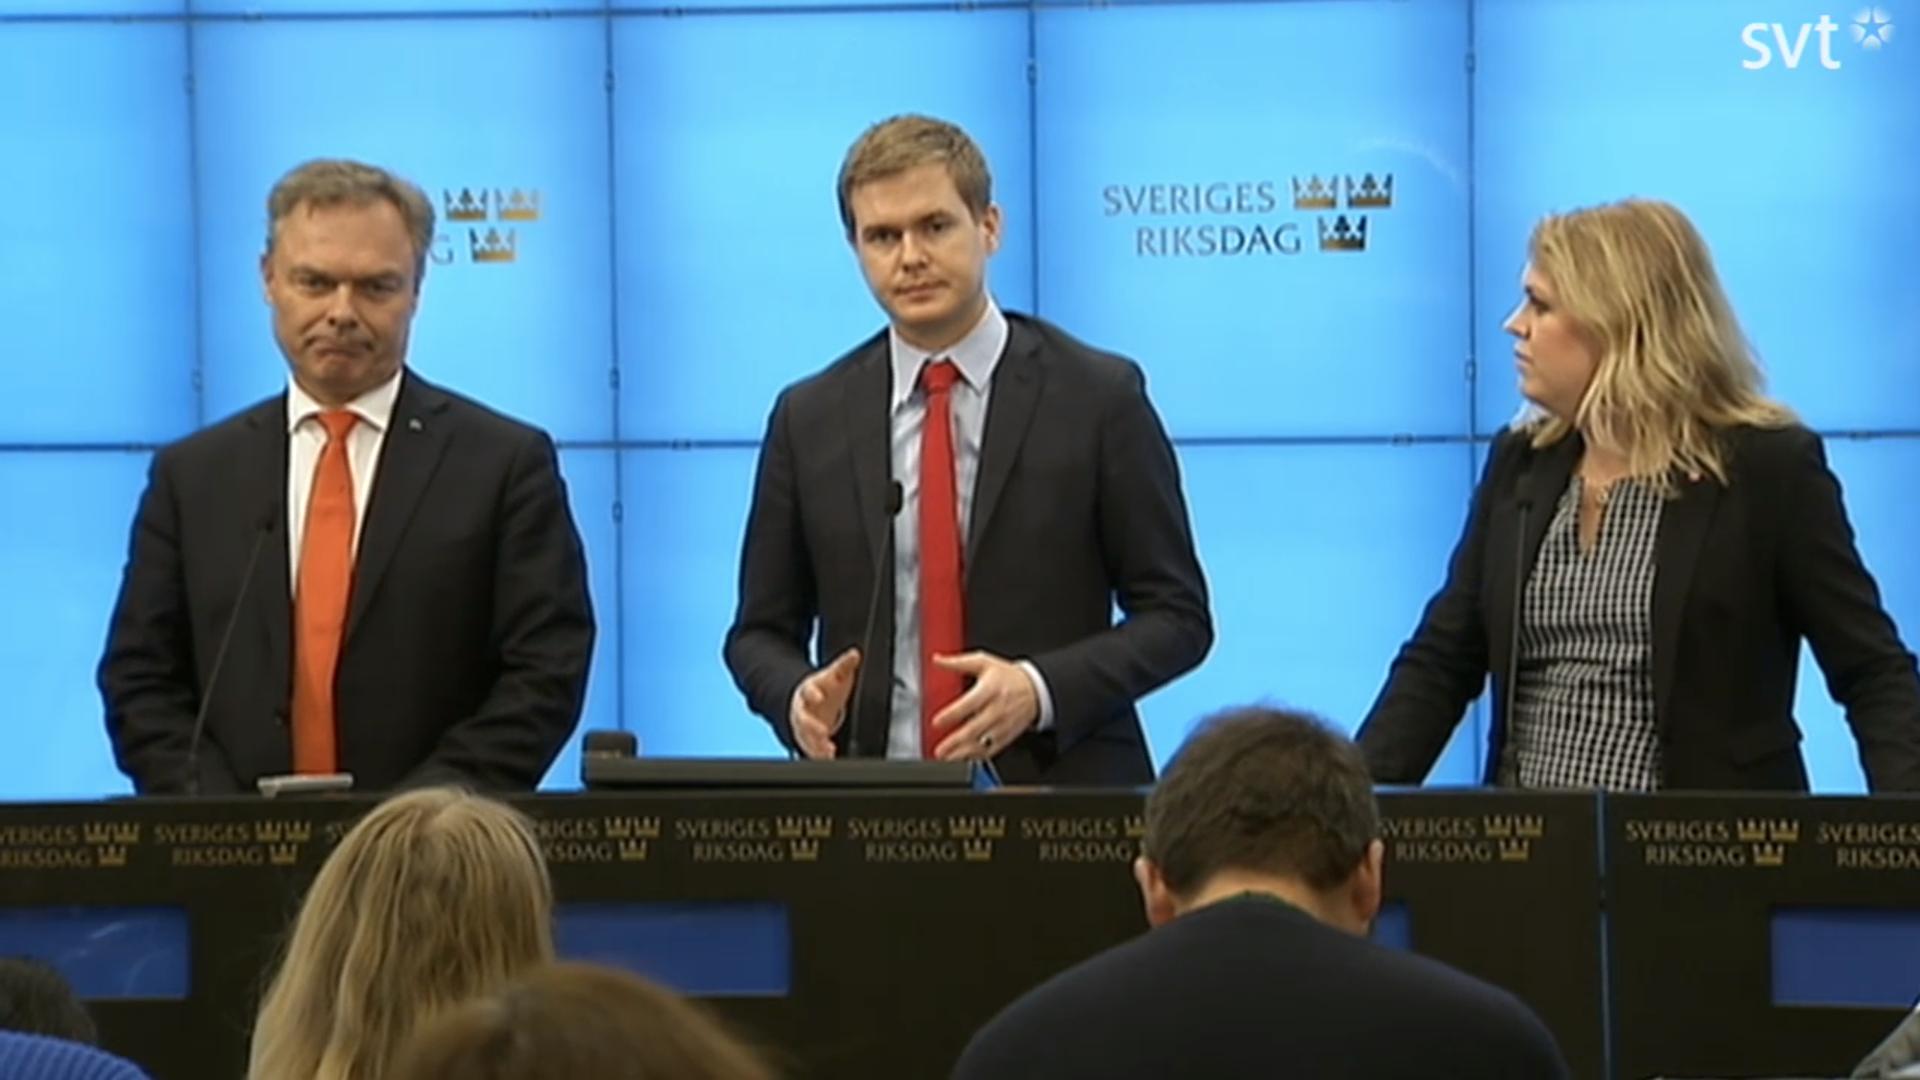 Foto: Skärmdump från SVT